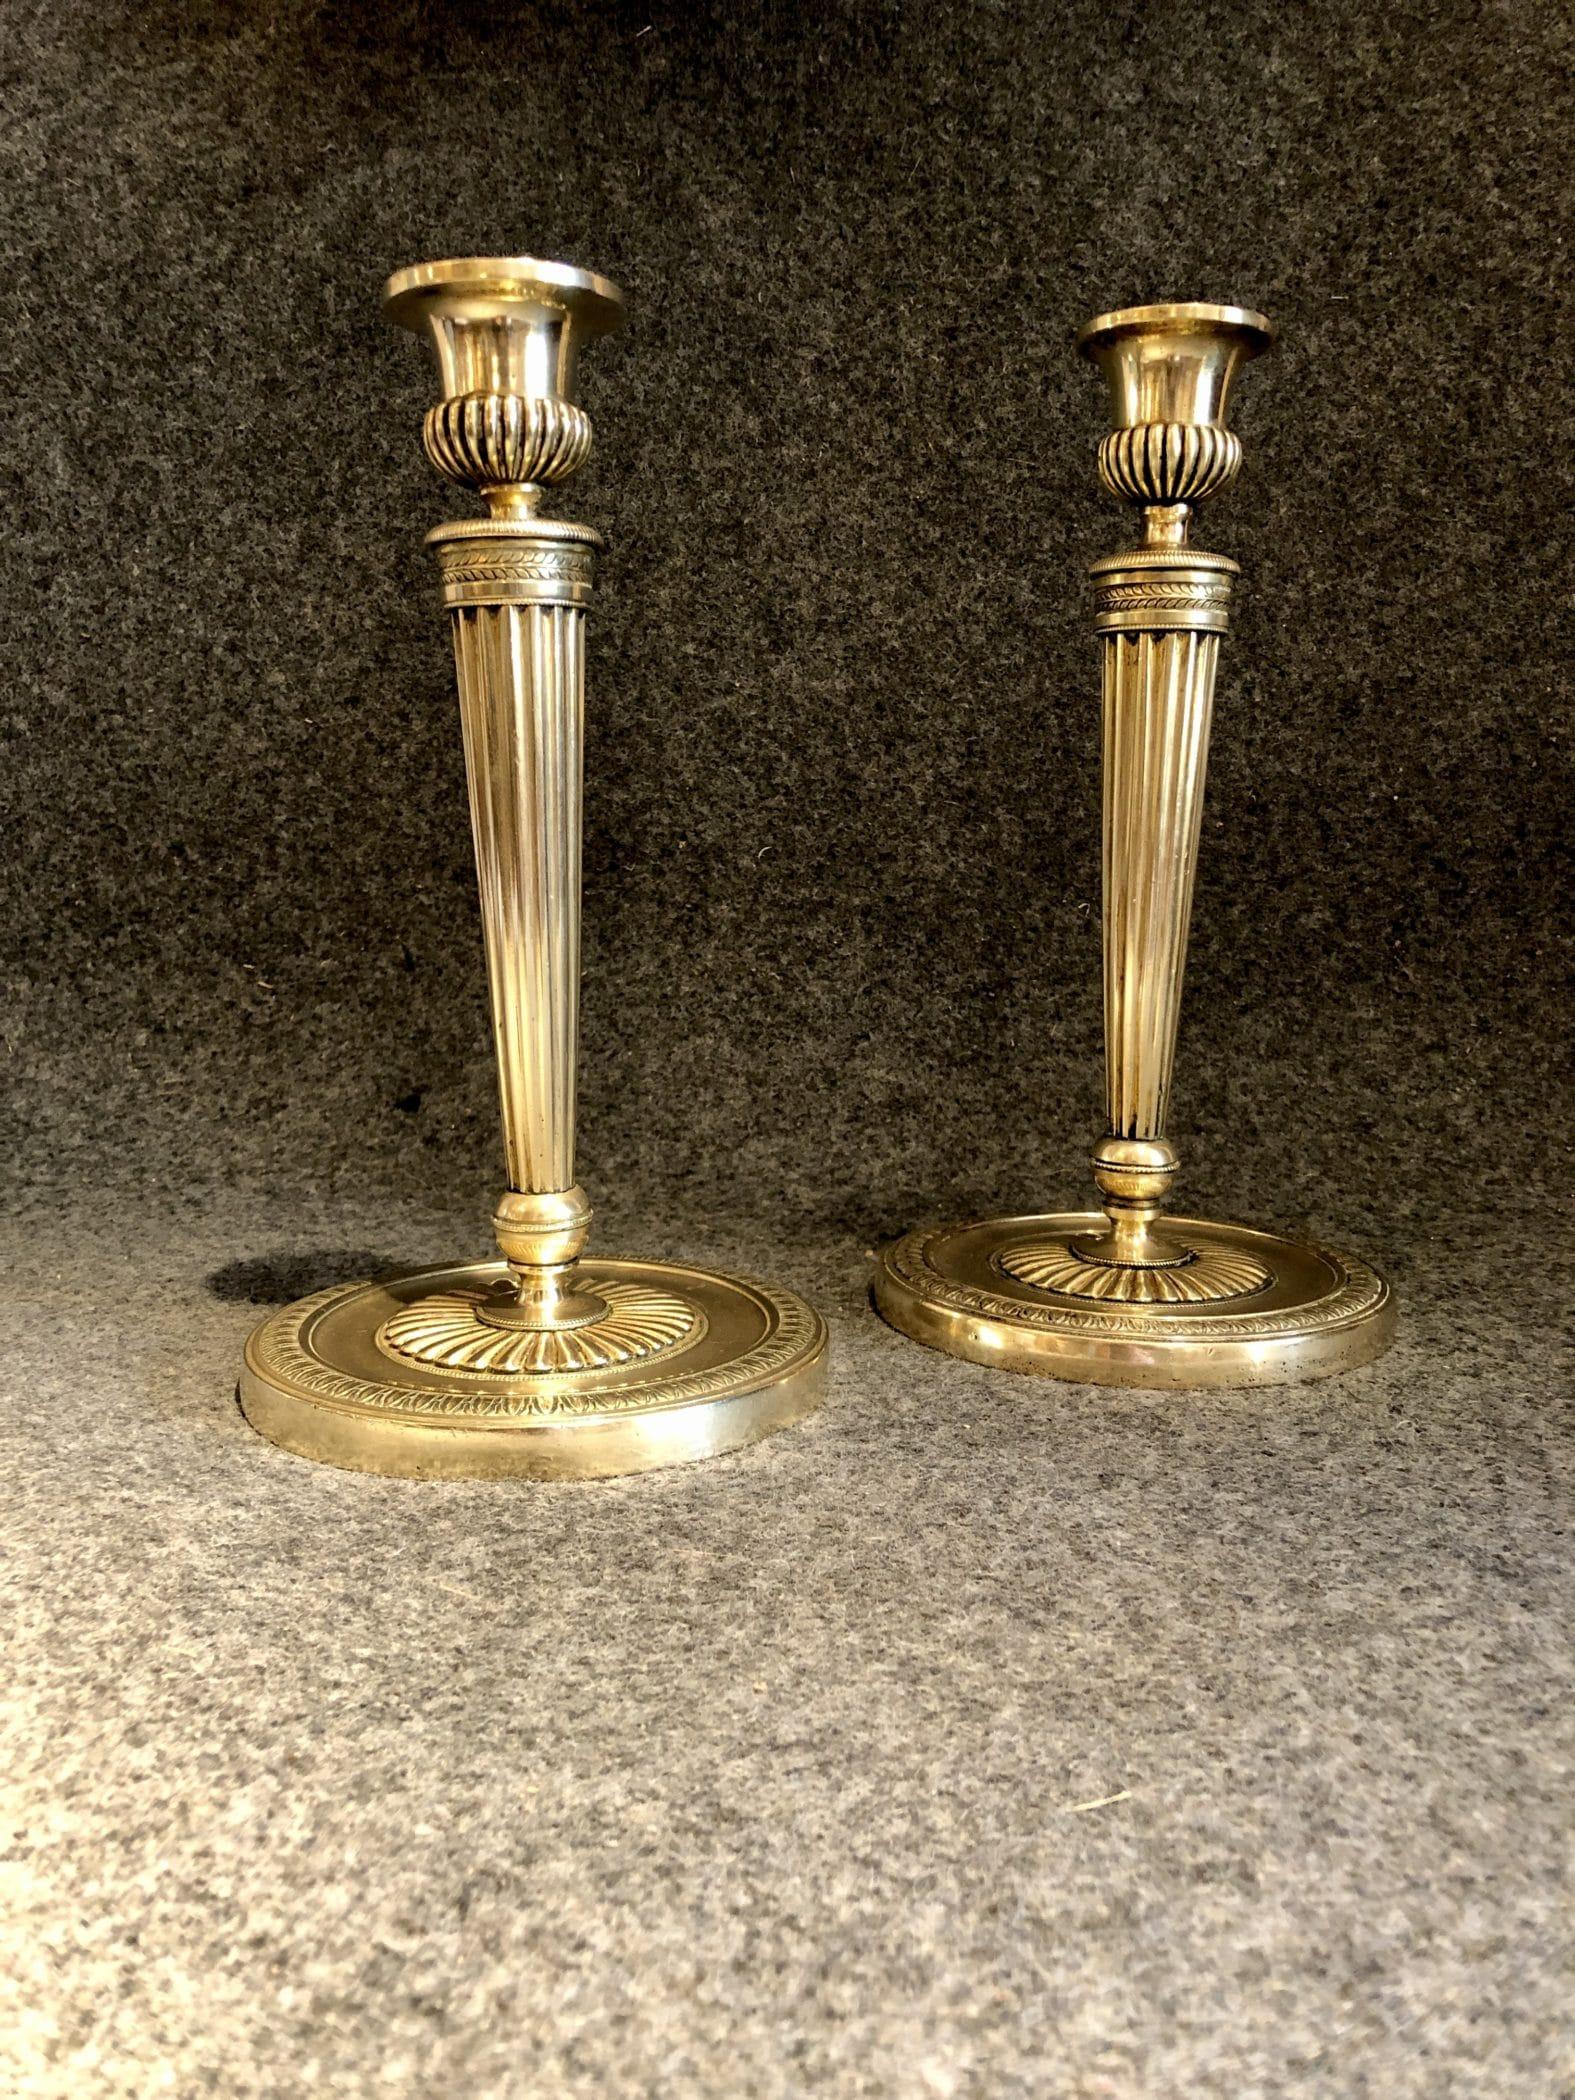 Paire de bougeoirs. Bronze doré, XVIIIe siècle.